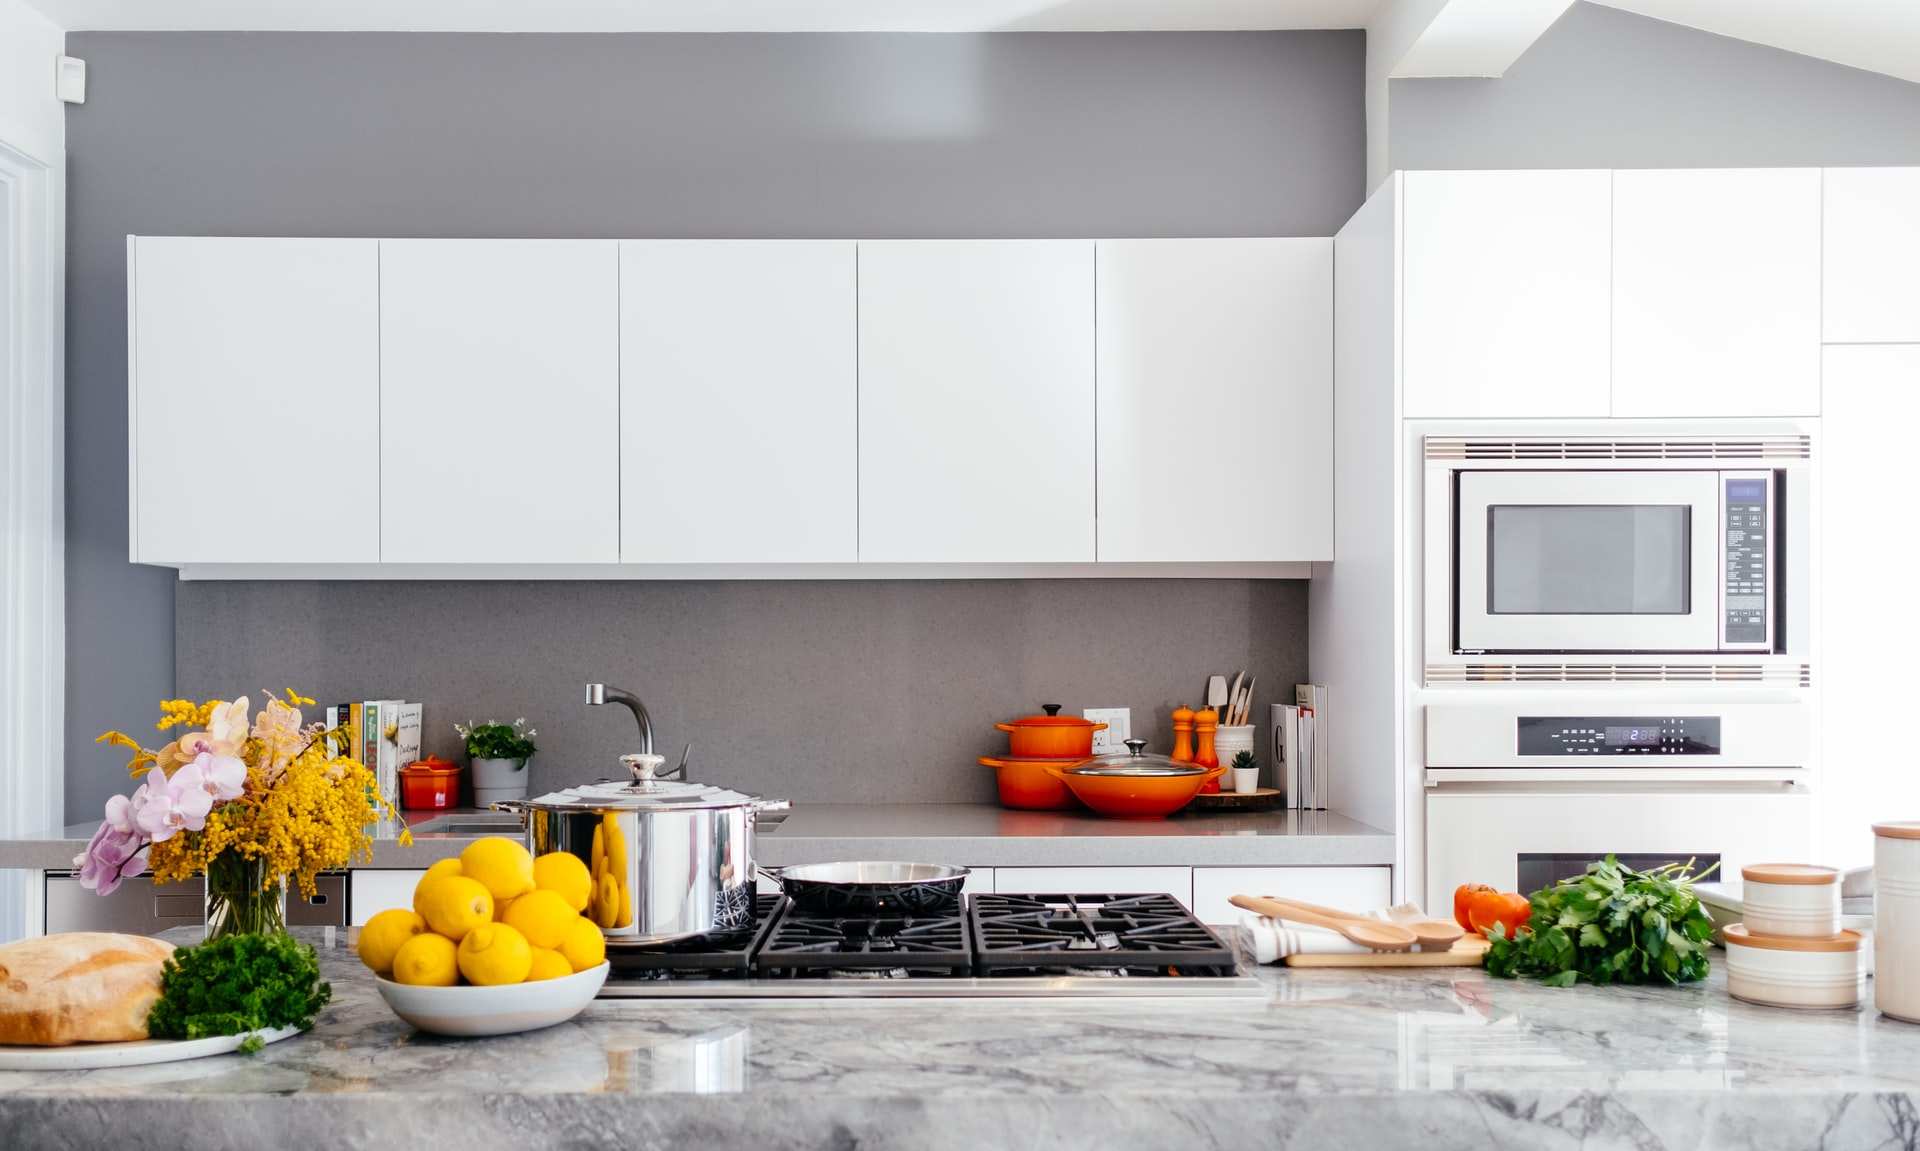 Cucina Smart: i dispositivi che non possono mancare